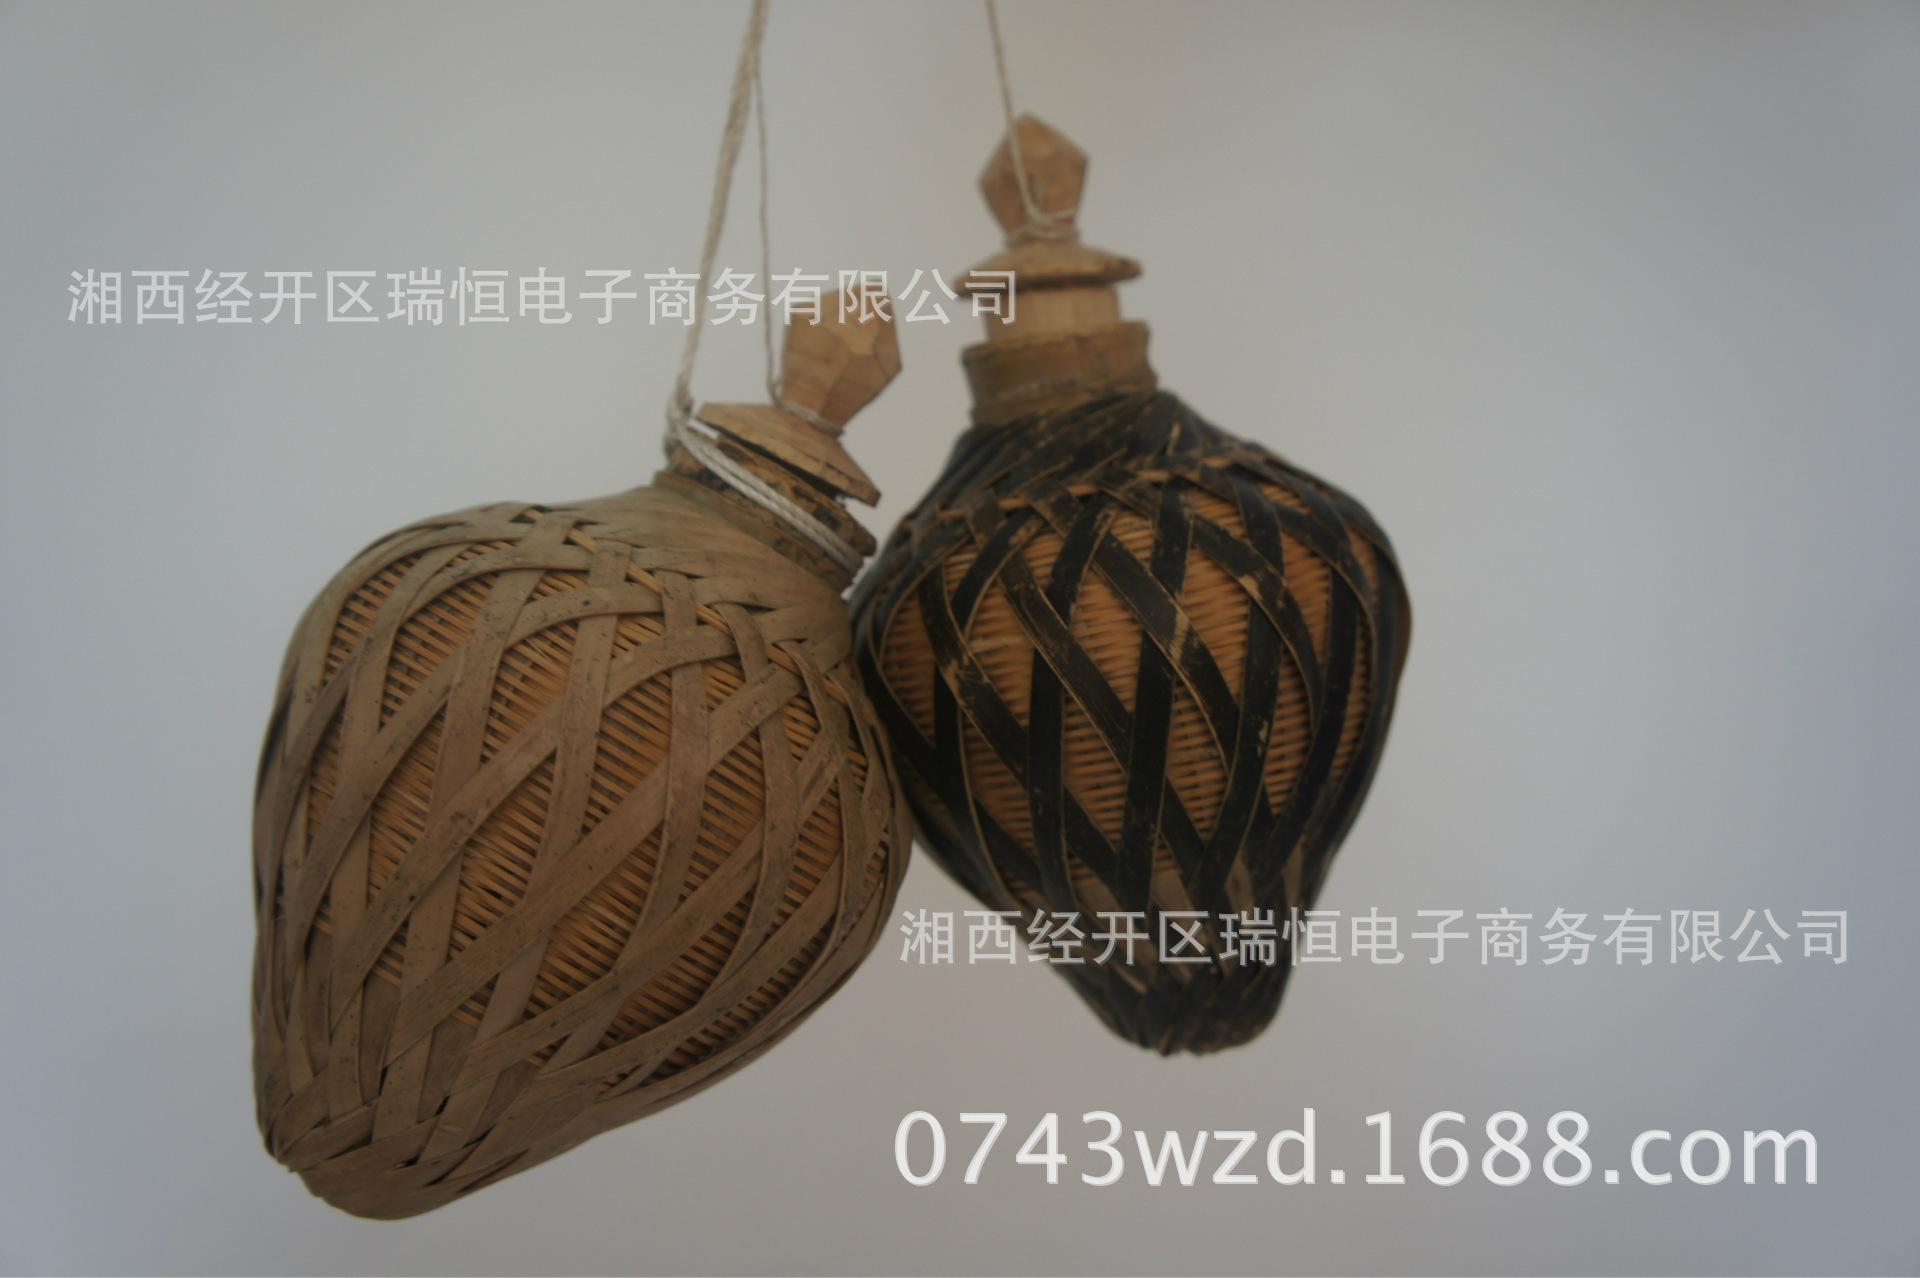 公司主营各式手工草鞋,麻鞋,背篓,竹篮等手工编织工艺品,款式新颖